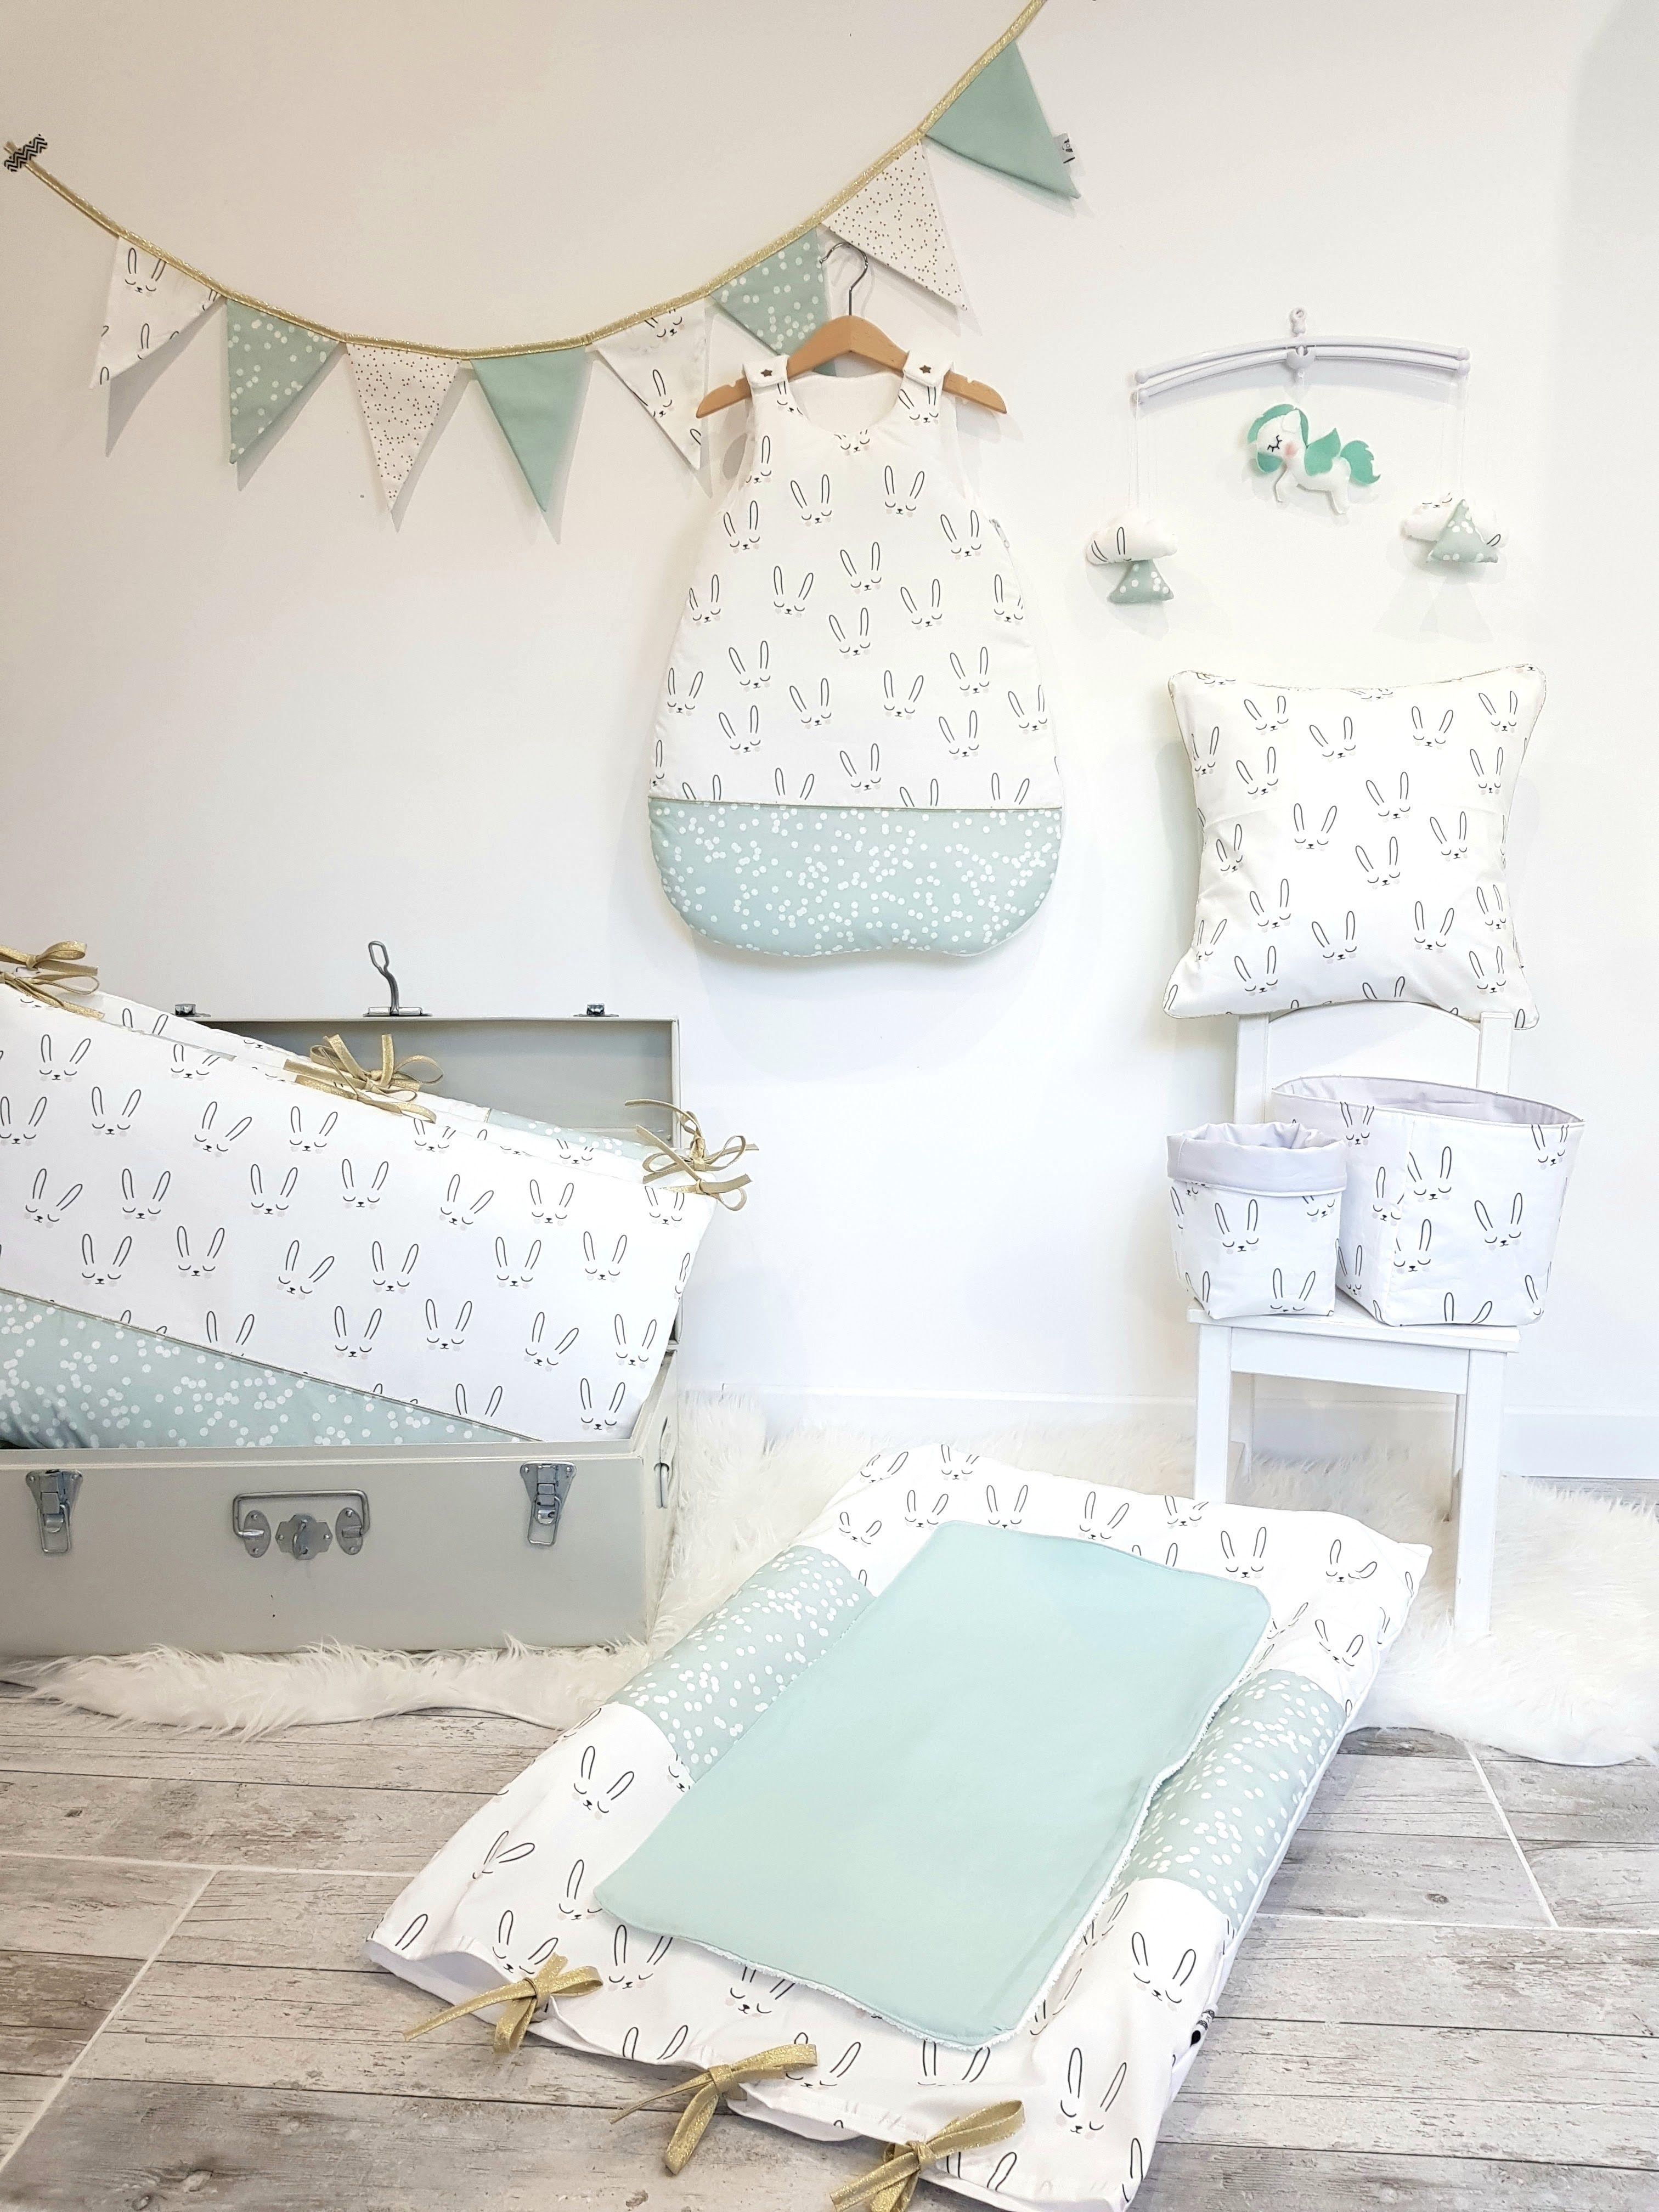 Chambre bébé aux doux motifs lapins endormis et pois blancs sur